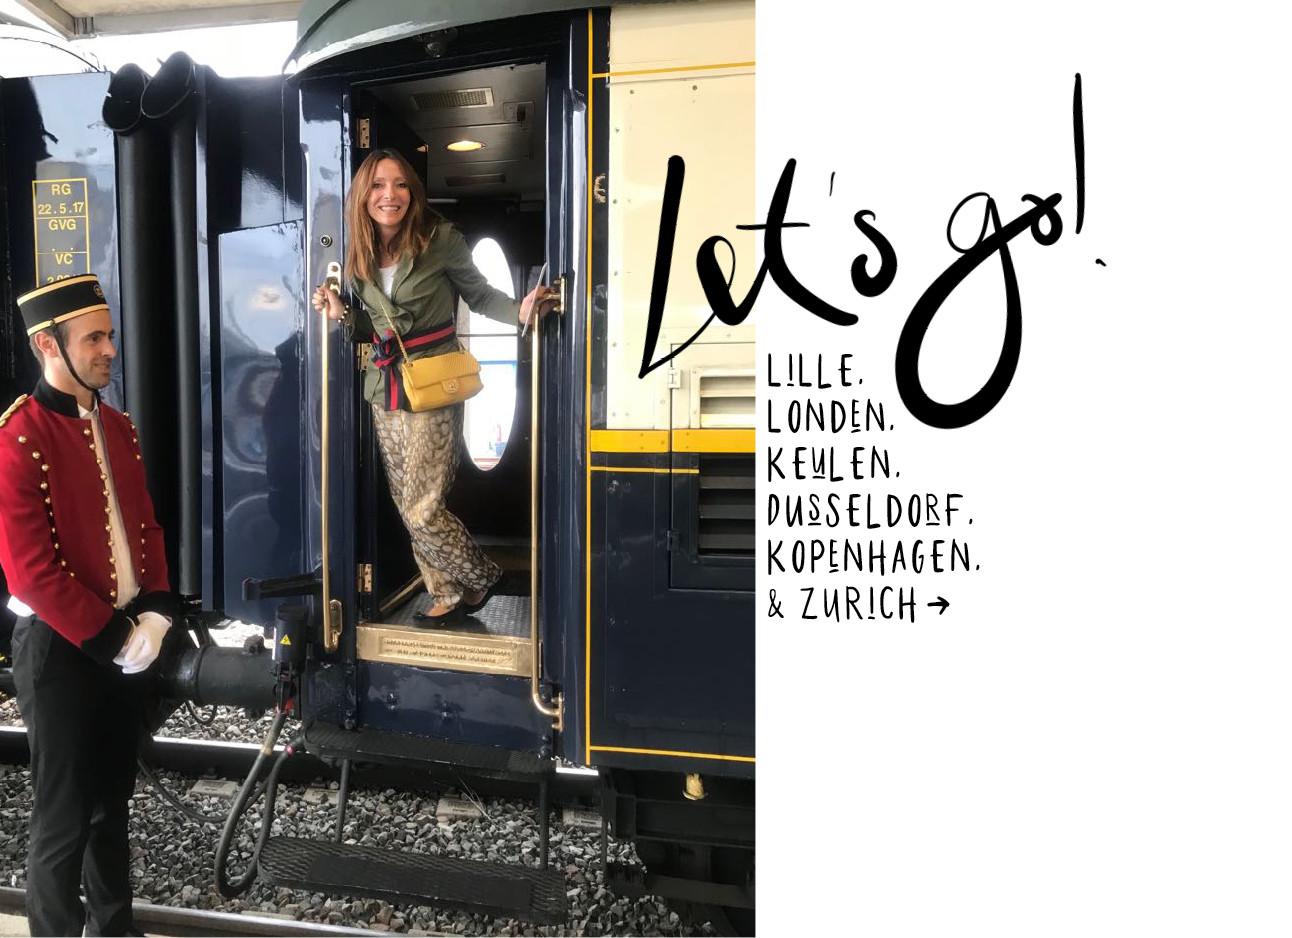 may die lachend uit de deur van een trein hangt